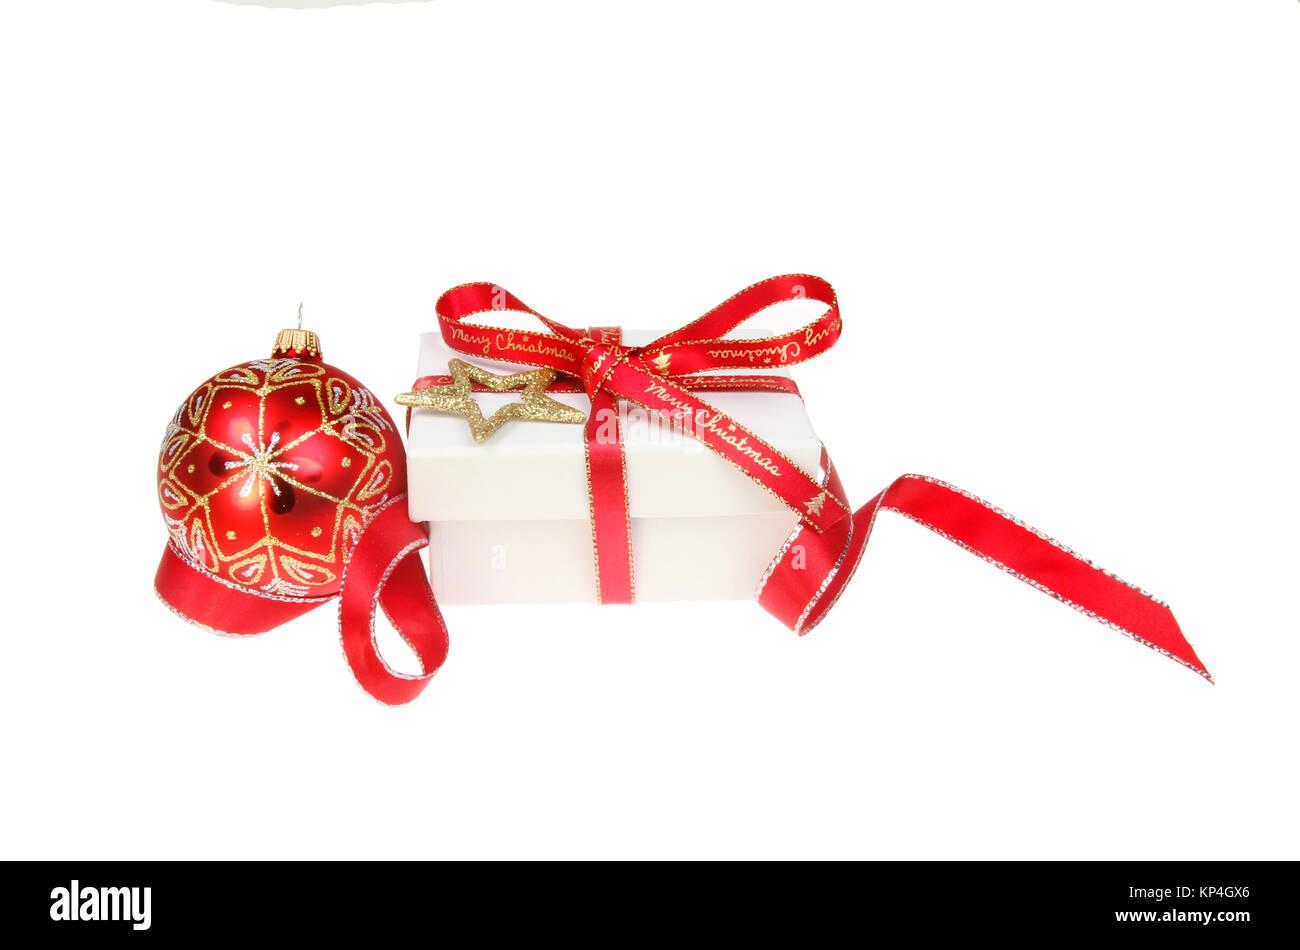 Frohe Weihnachten Band.Weihnachten Dekoration Gebunden Mit Frohe Weihnachten Band Umgeben